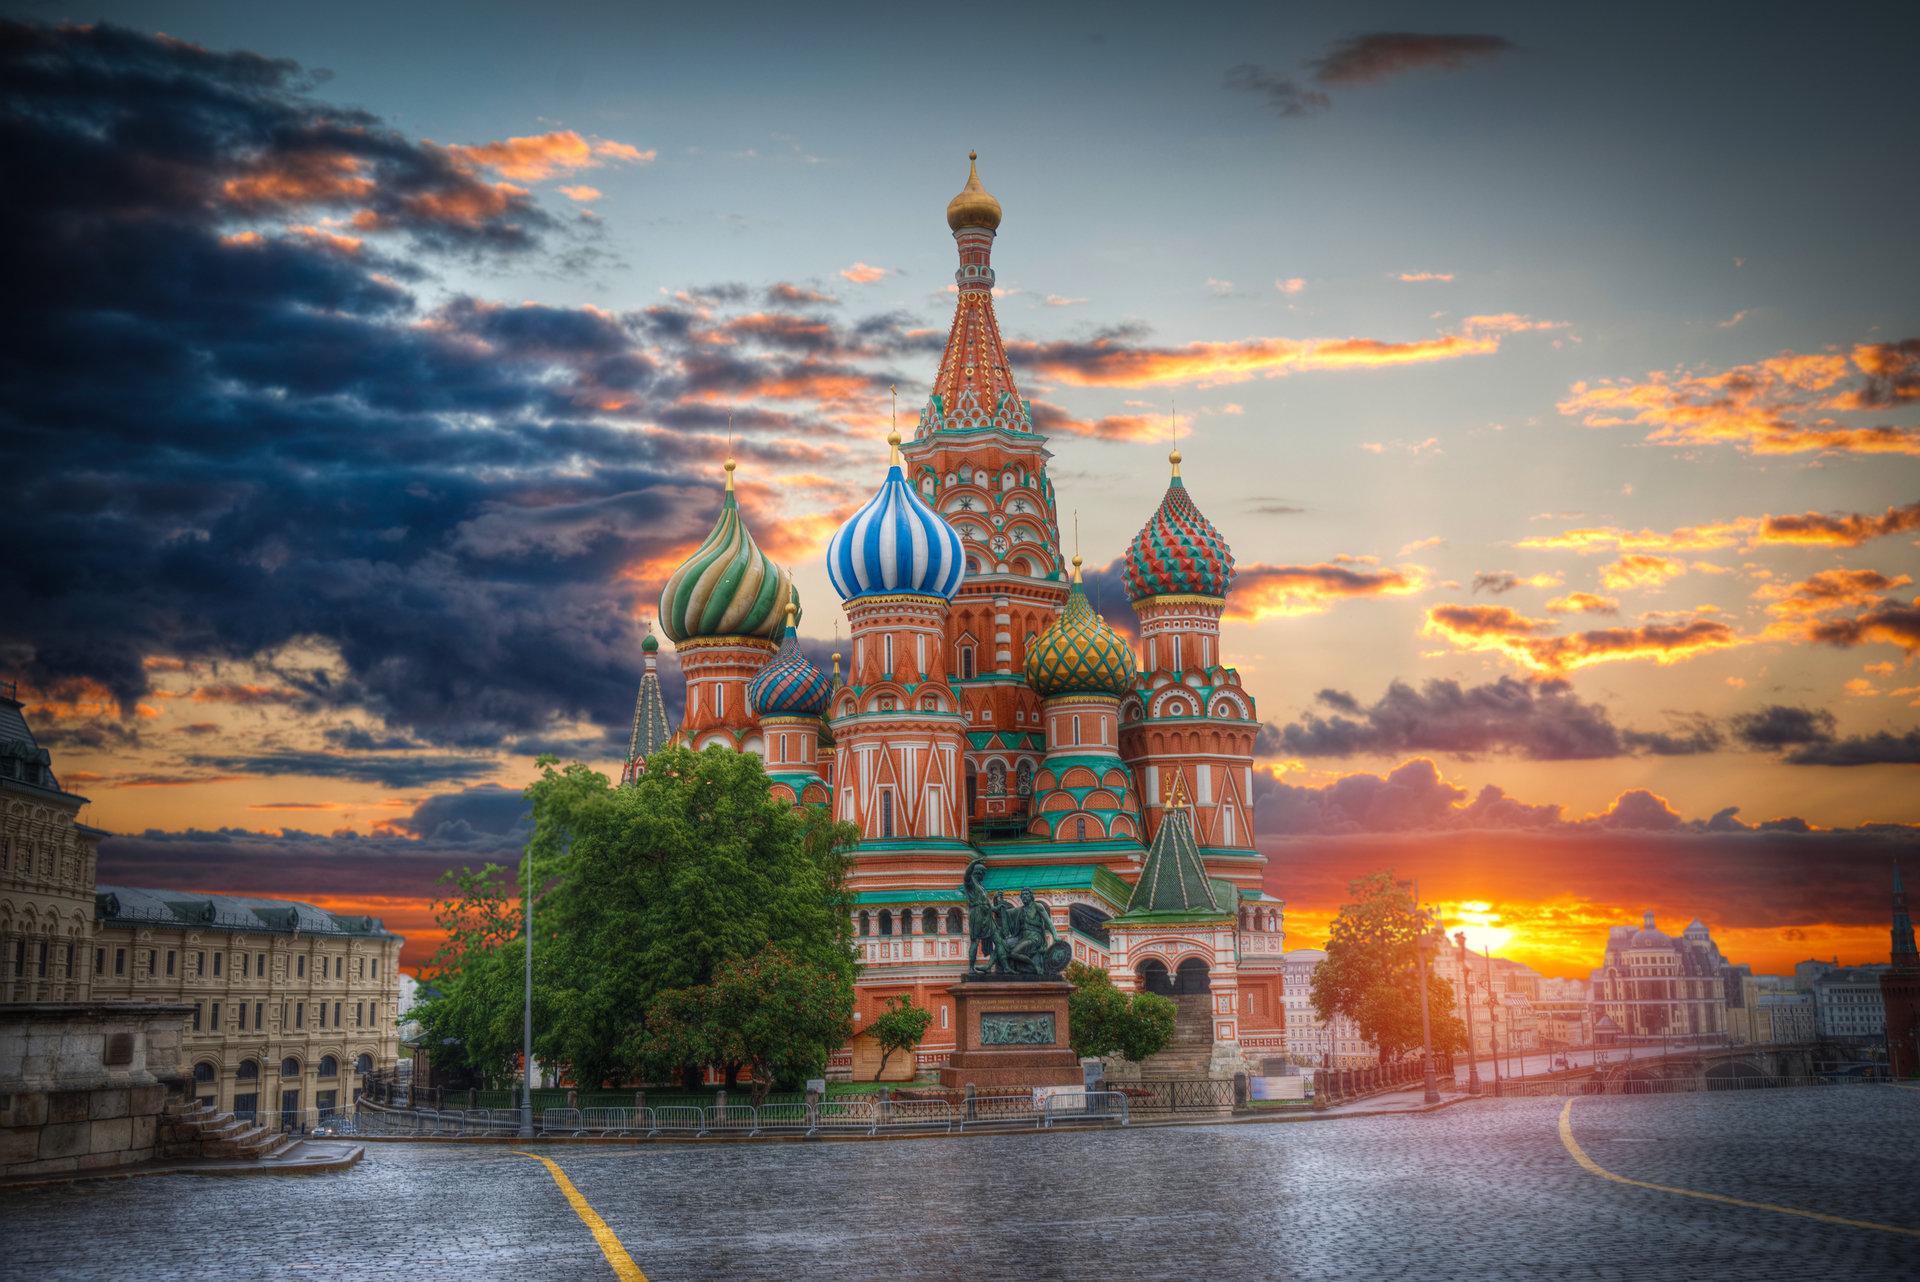 Przewodnik kibica - jedziemy do Rosji!